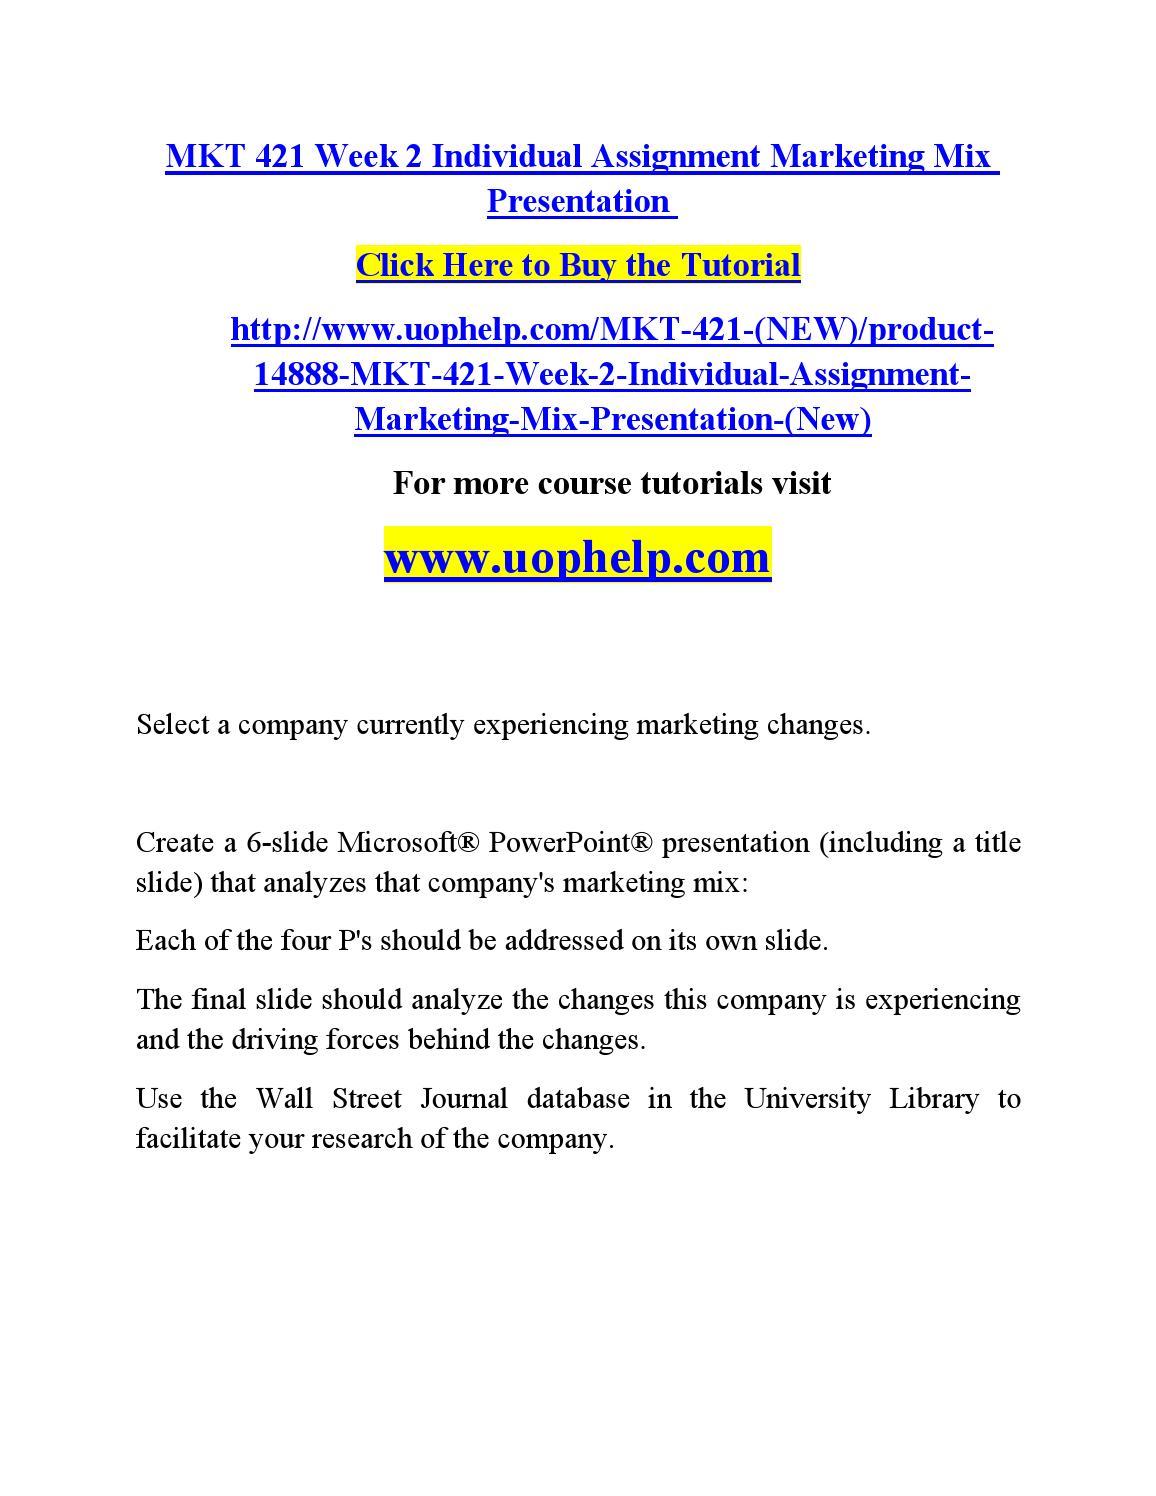 mkt 421 marketing mix paper Find 100% verified mkt 421 week 2 marketing mix paper for university of phoenix students at assignmentehelpcom.